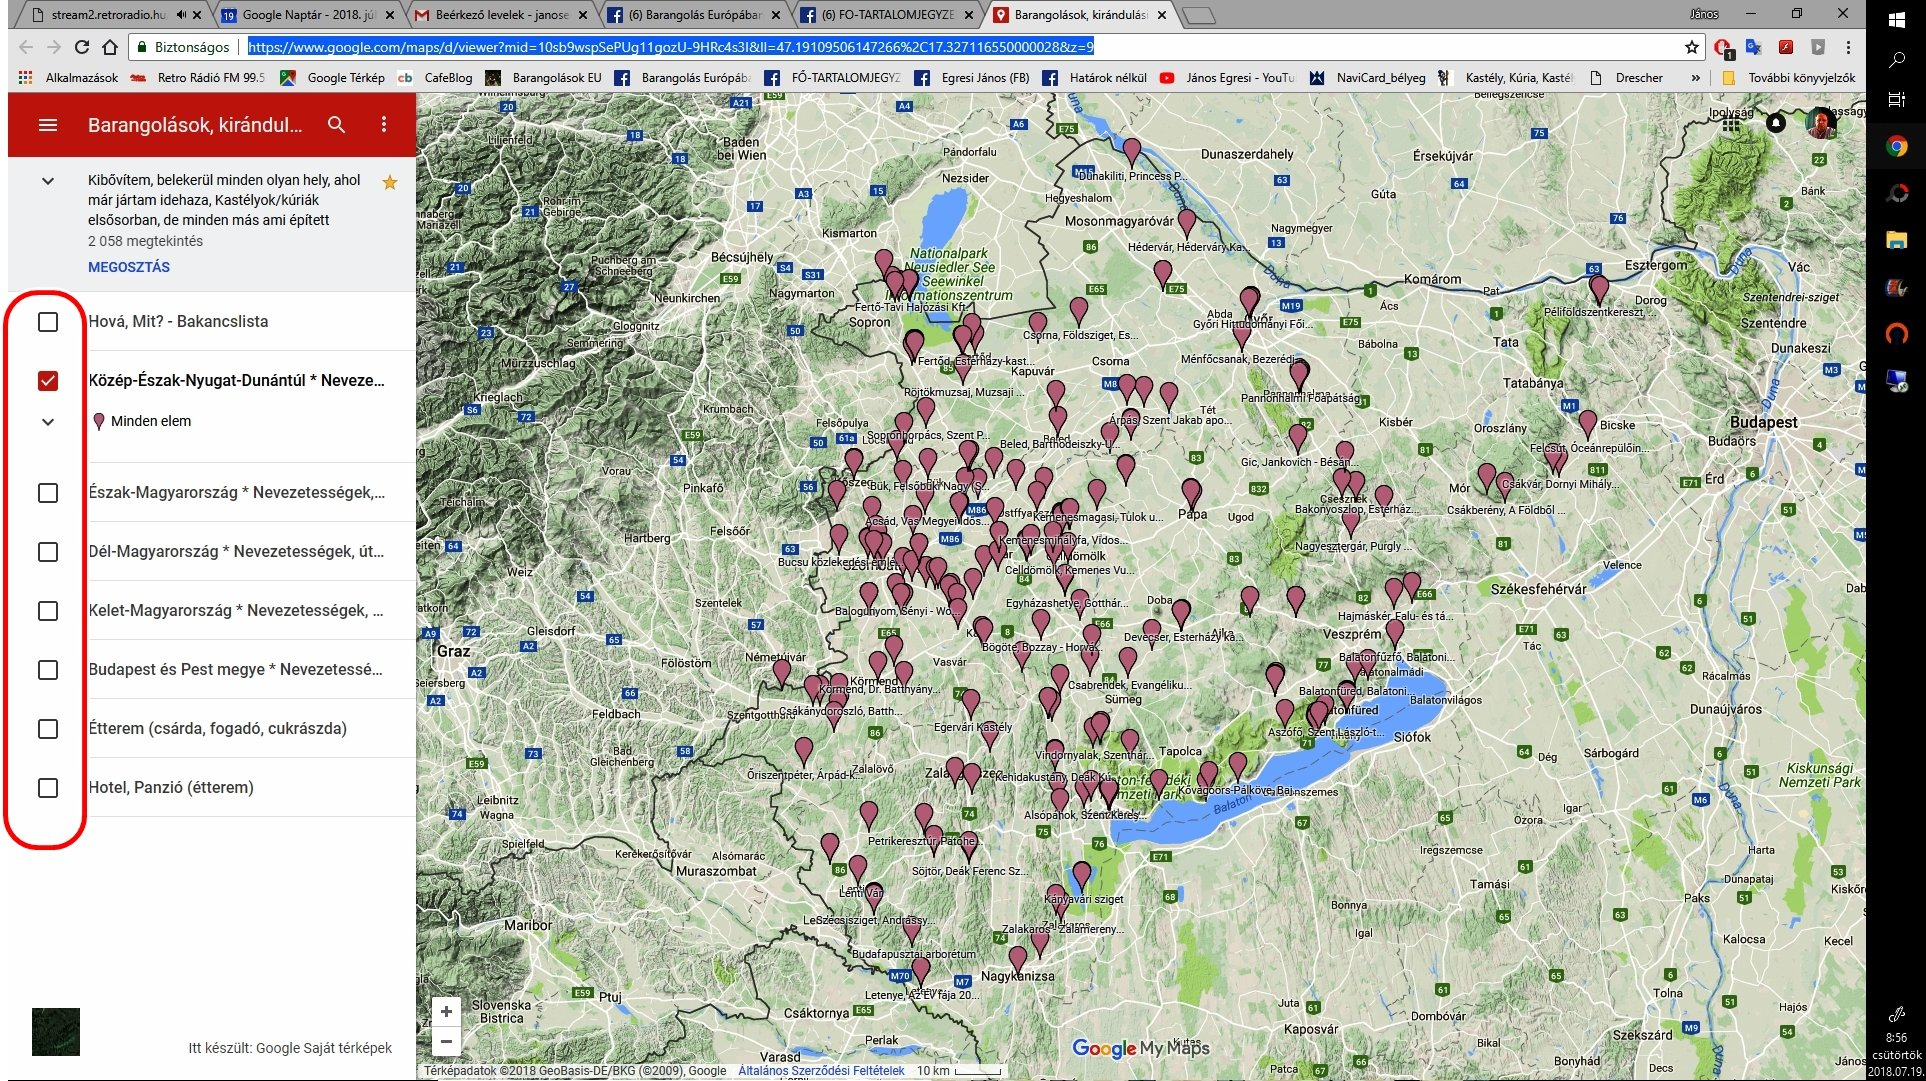 saját térkép Fedezzük fel – Google Térképem | Barangolás Európában Határok nélkül saját térkép